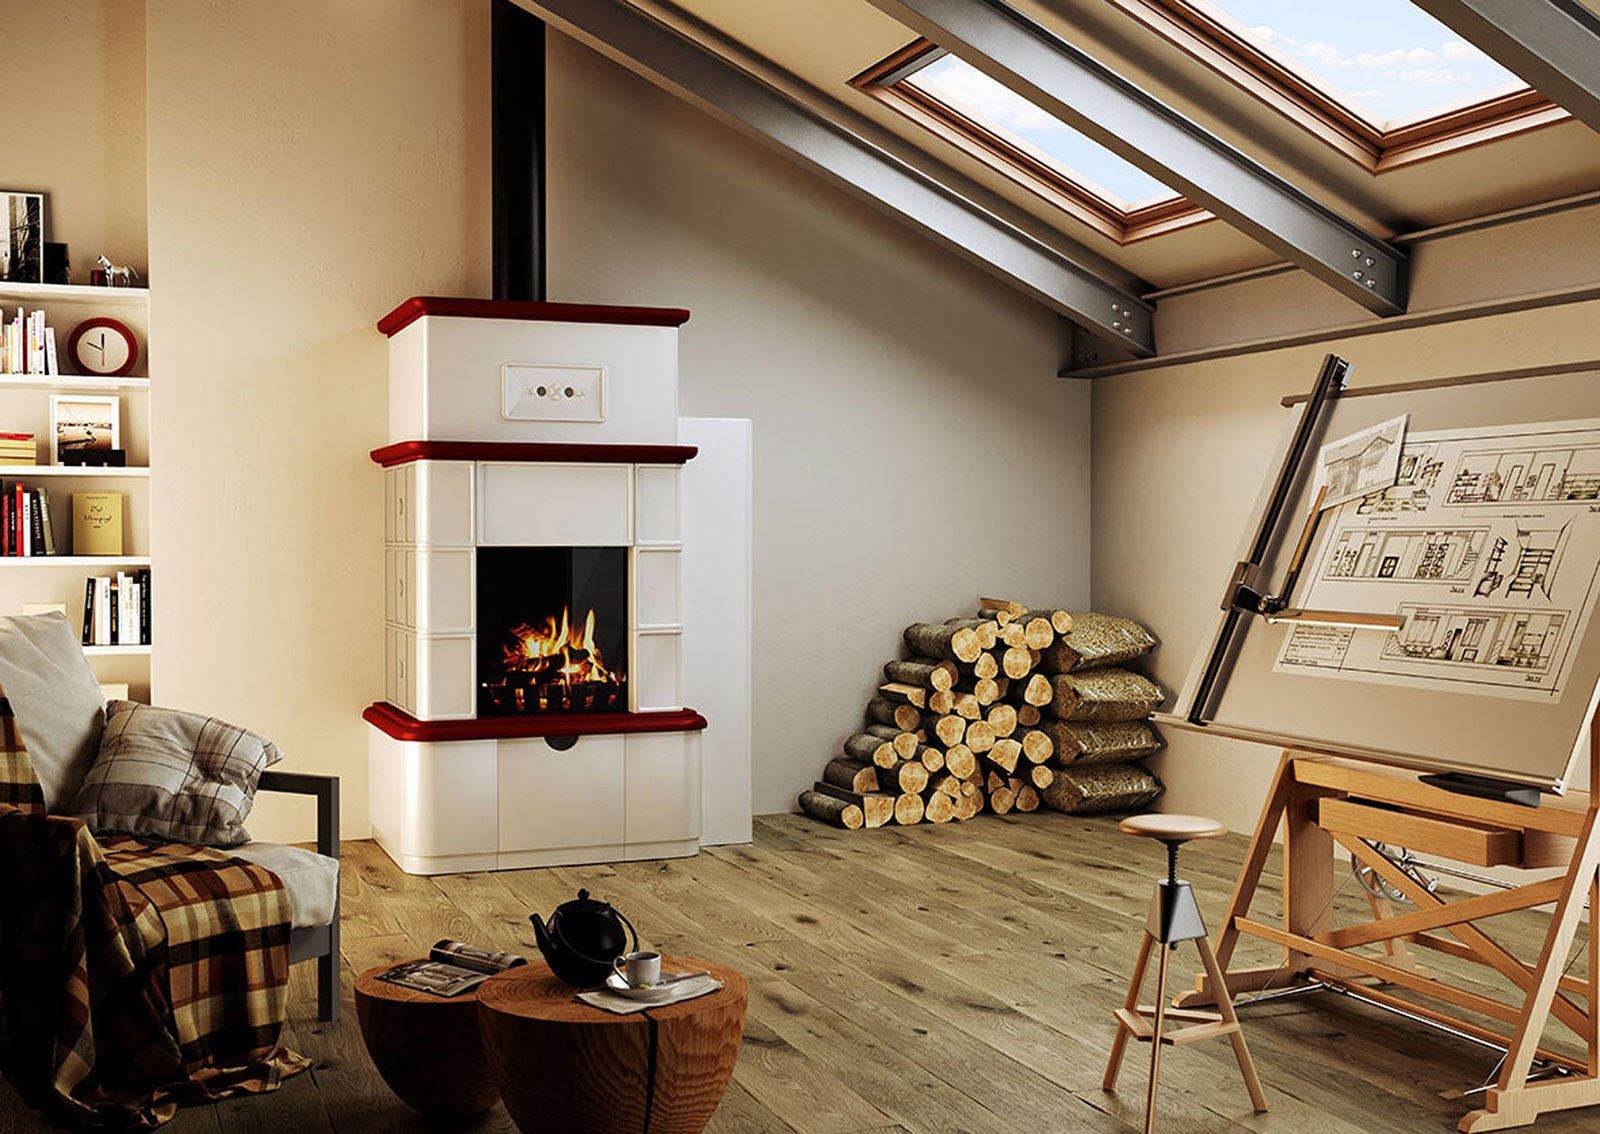 Progetto fuoco 2014 accende la fiera di verona cose di casa for Termocamino a pellet idro